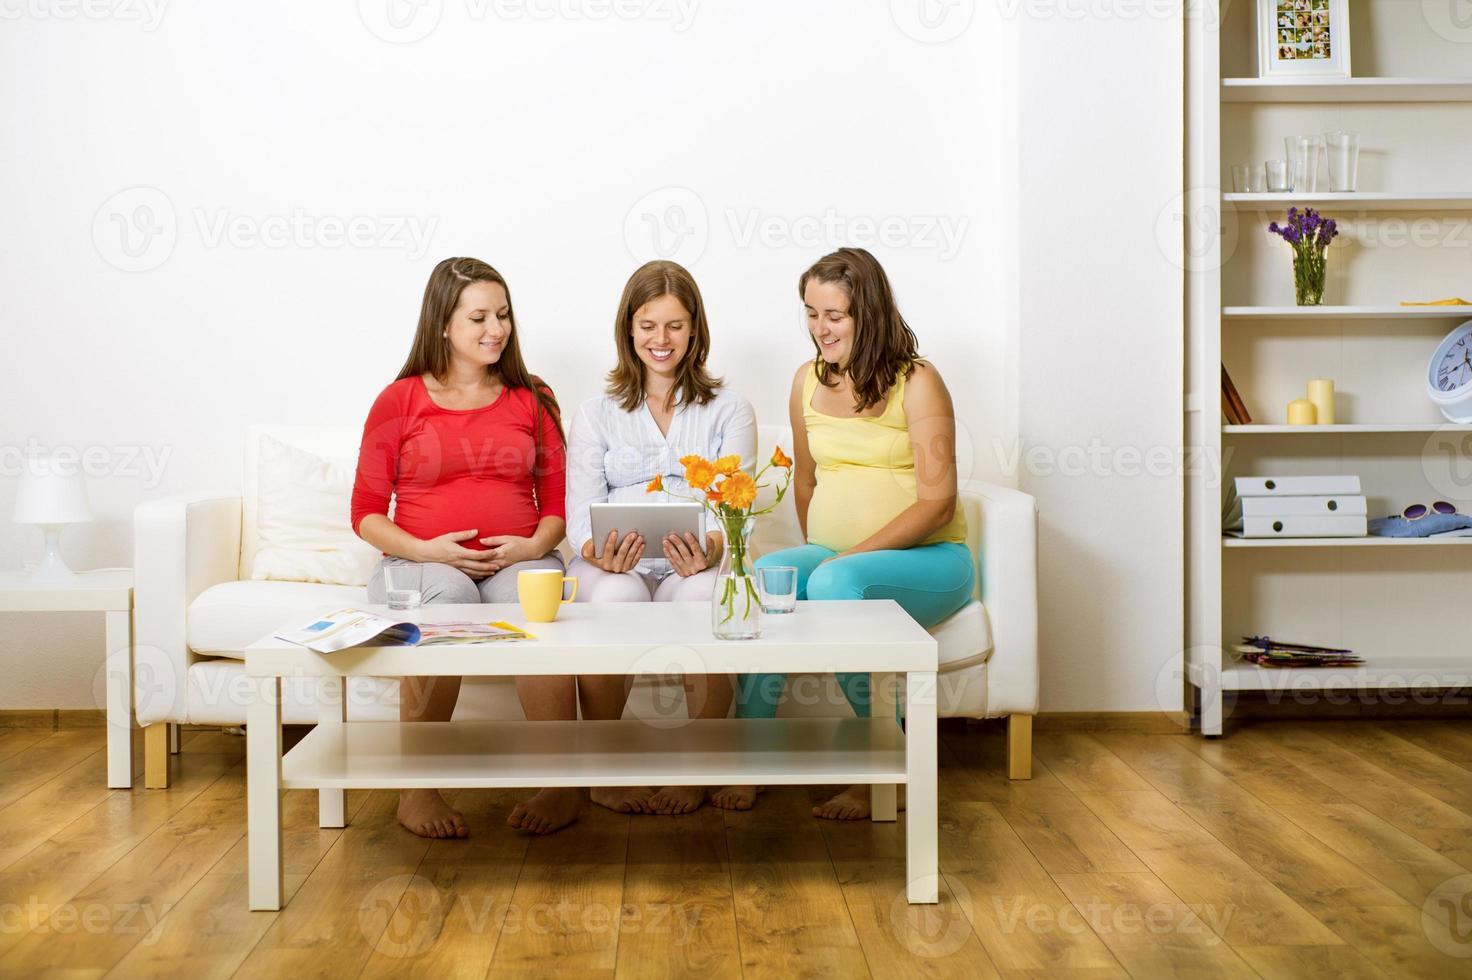 gravida kvinnor på soffan foto